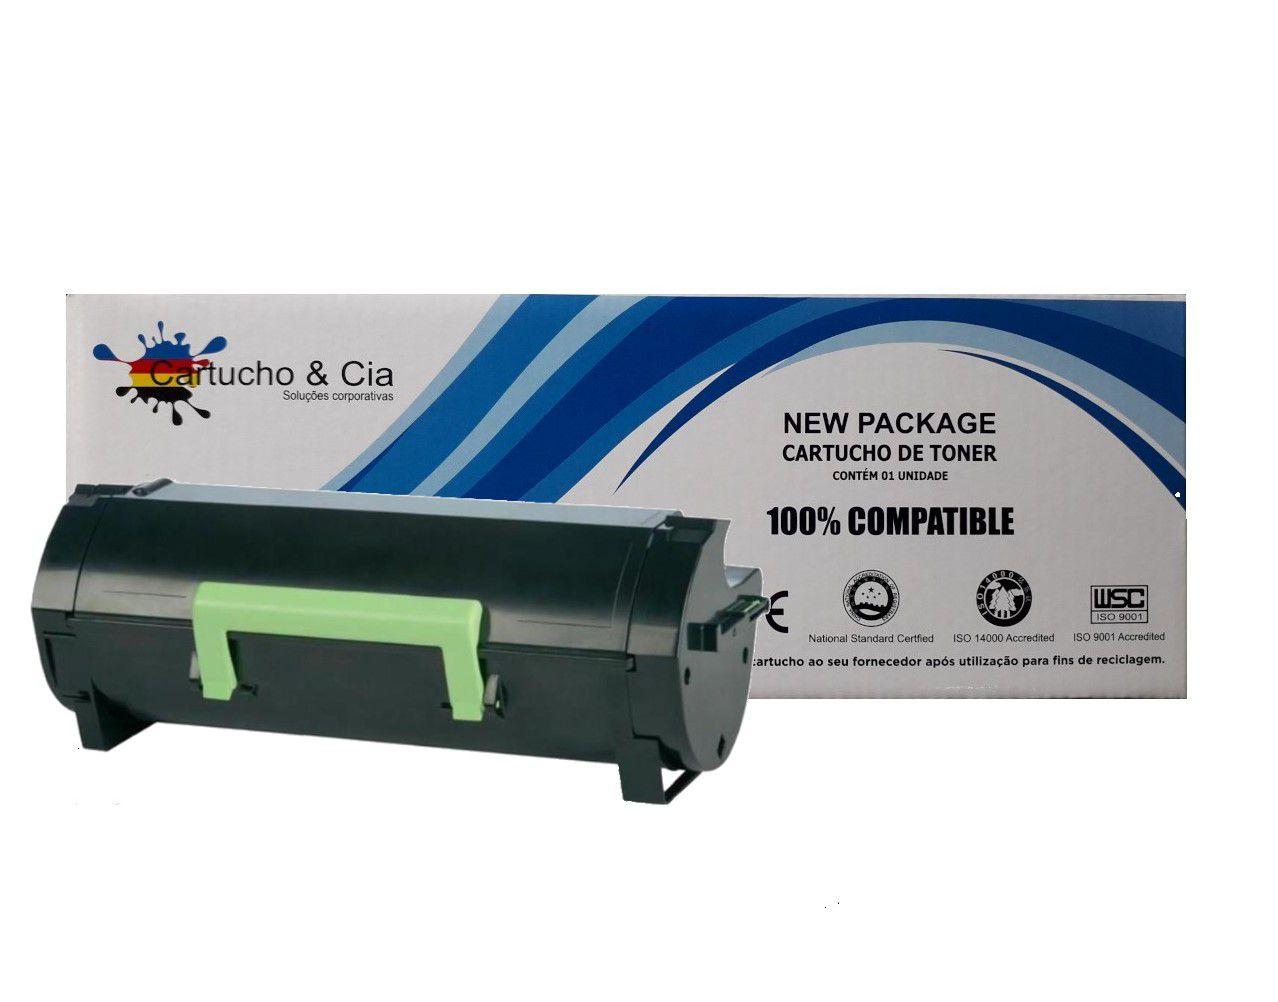 Toner compatível com Lexmark [53B4000] MX817/MX818 Black 11.000 Páginas - Cartucho & Cia